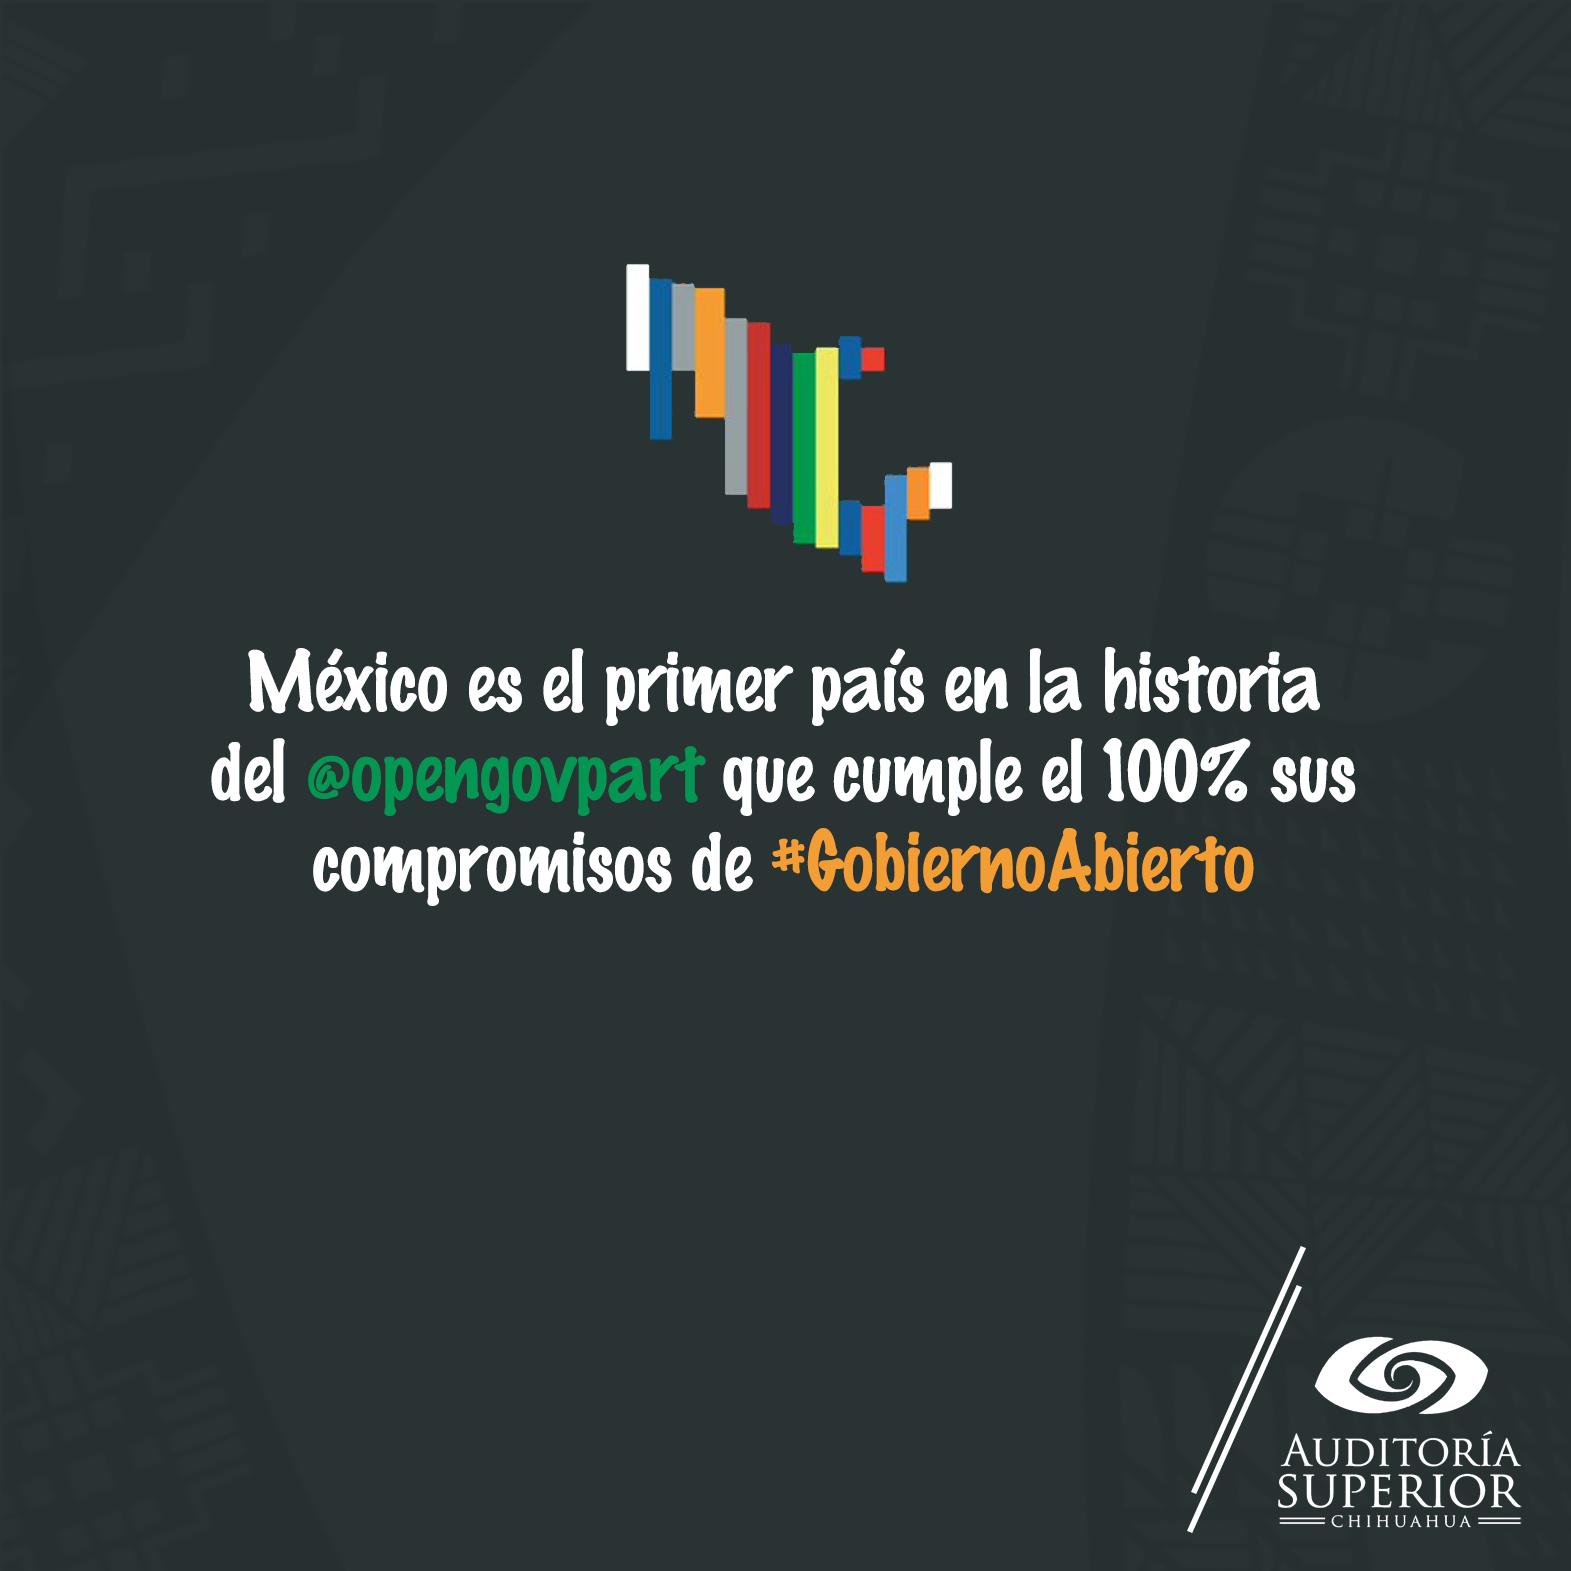 México está comprometido con el #GobiernoAbierto. En la @AuditoríaChih trabajamos para fortalecer la democracia. https://t.co/i1N1Sza8Ii